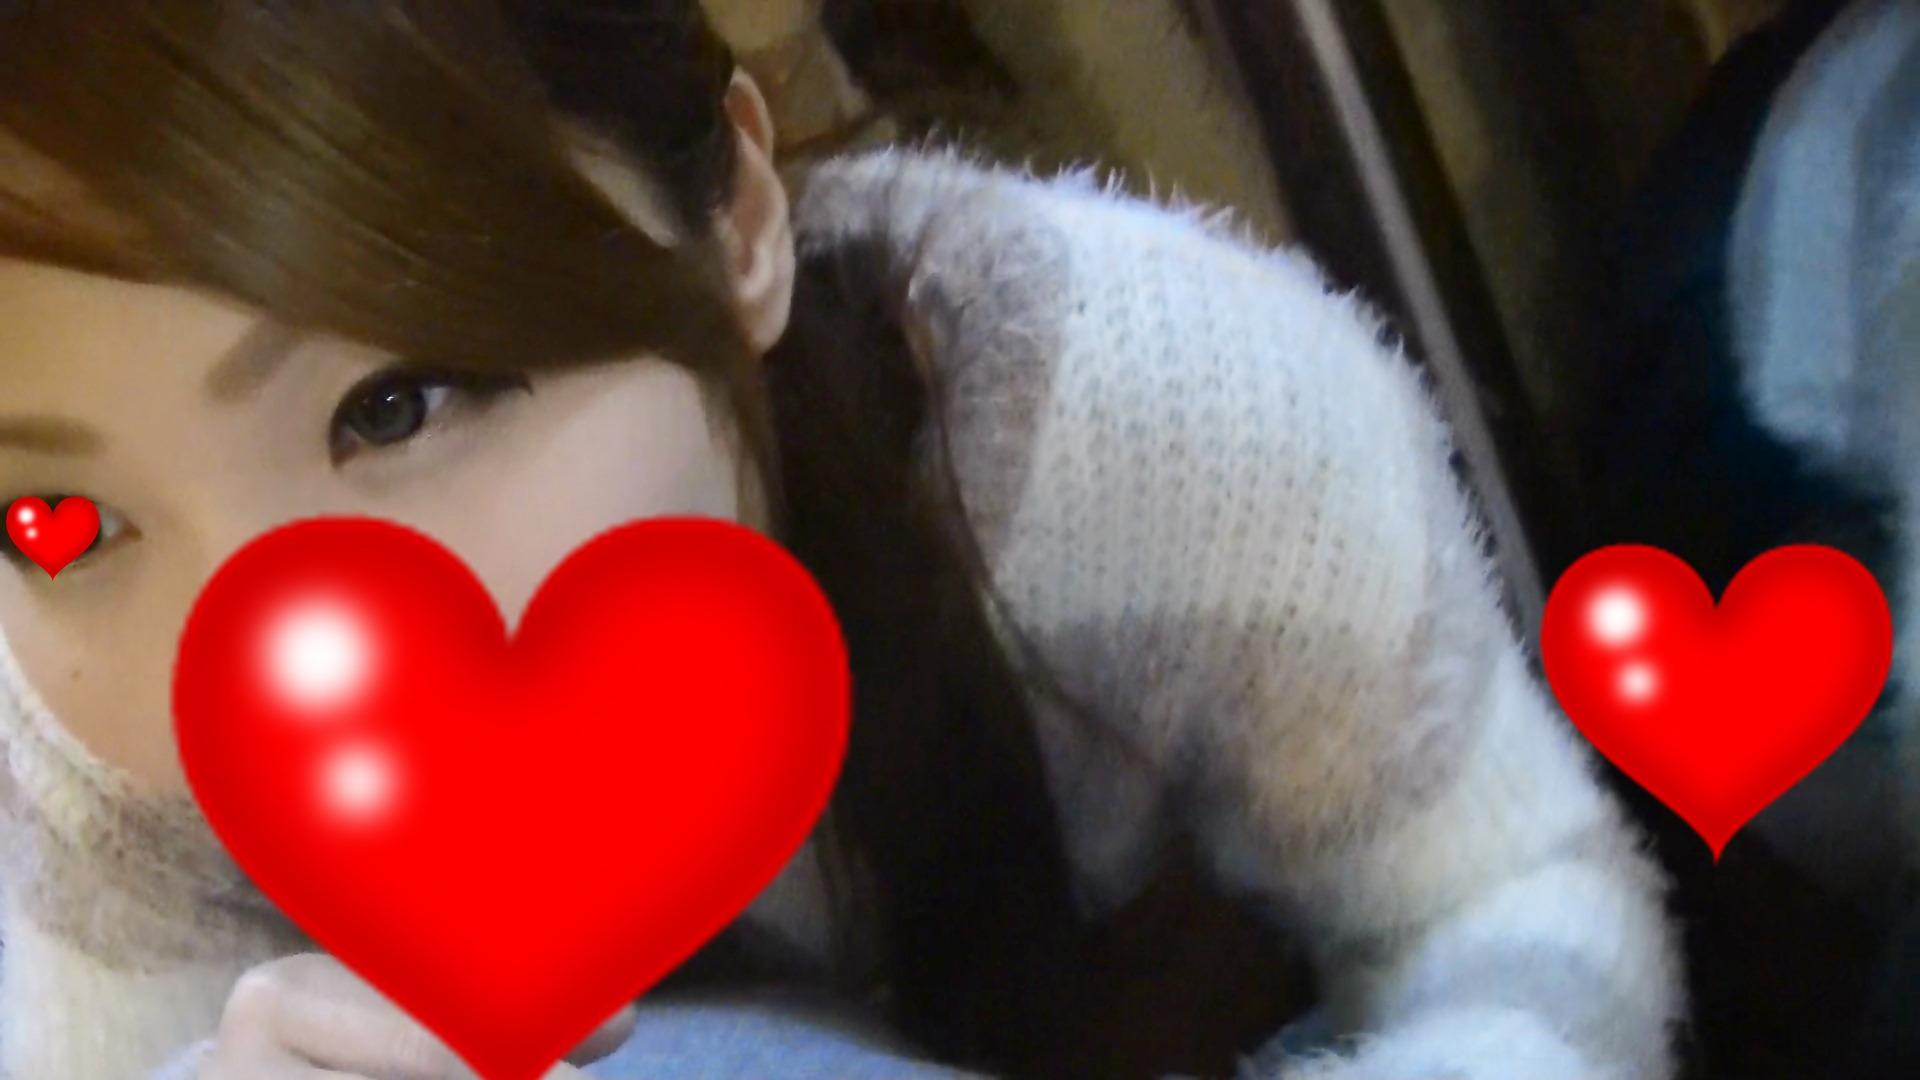 【素人動画】《無》カラオケでじゅぽフェラ 極上フェラに口内発射ごっくん!!!